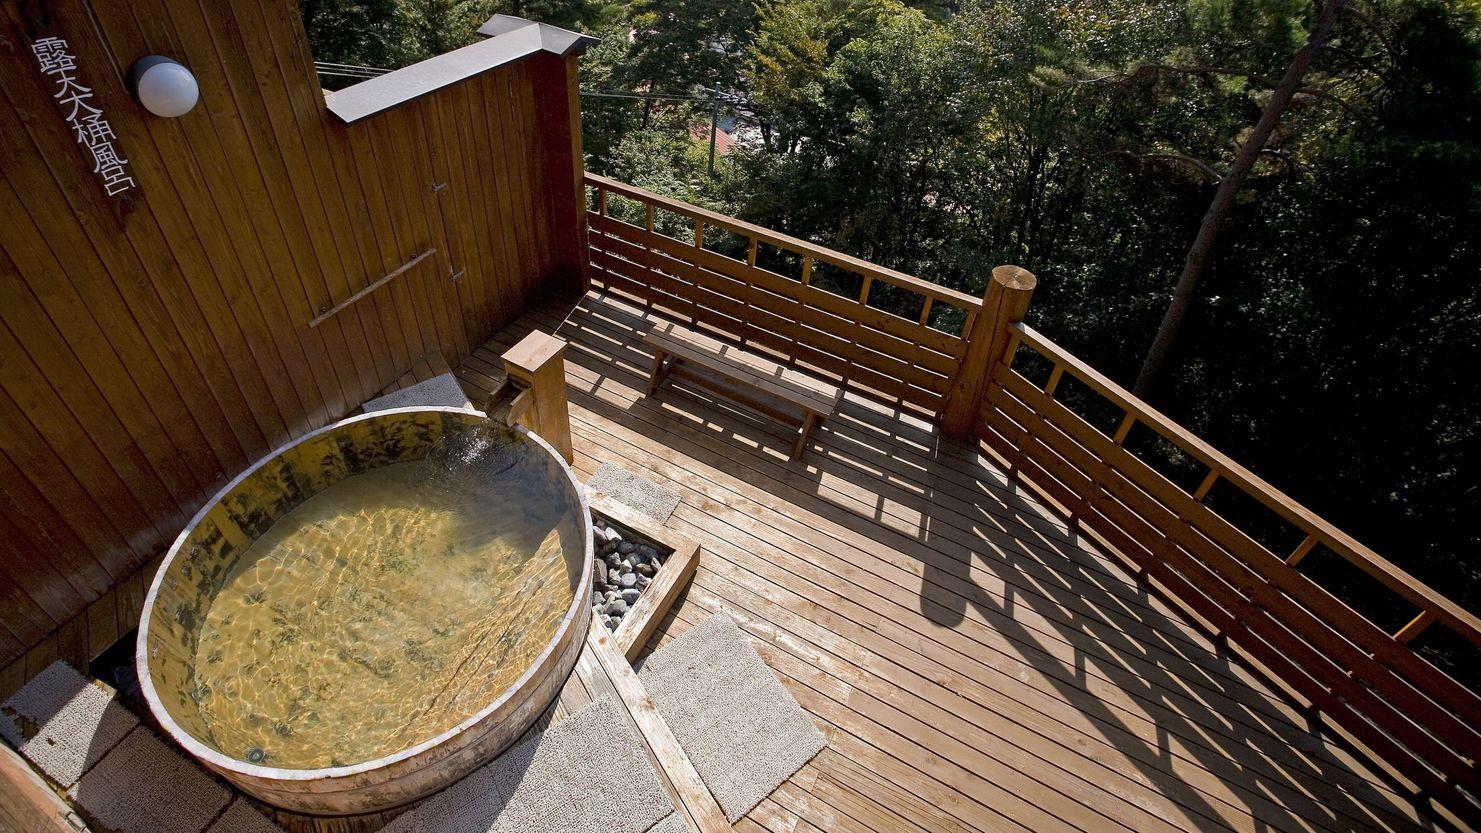 【温泉】展望露天風呂「雲の助」 露天大桶風呂(上からの様子)